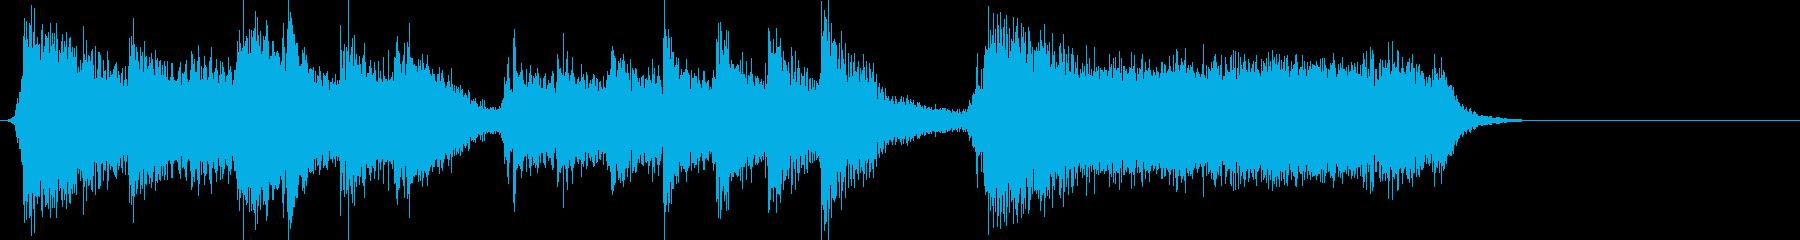 和楽器とギターのヘヴィな勢いあるジングルの再生済みの波形